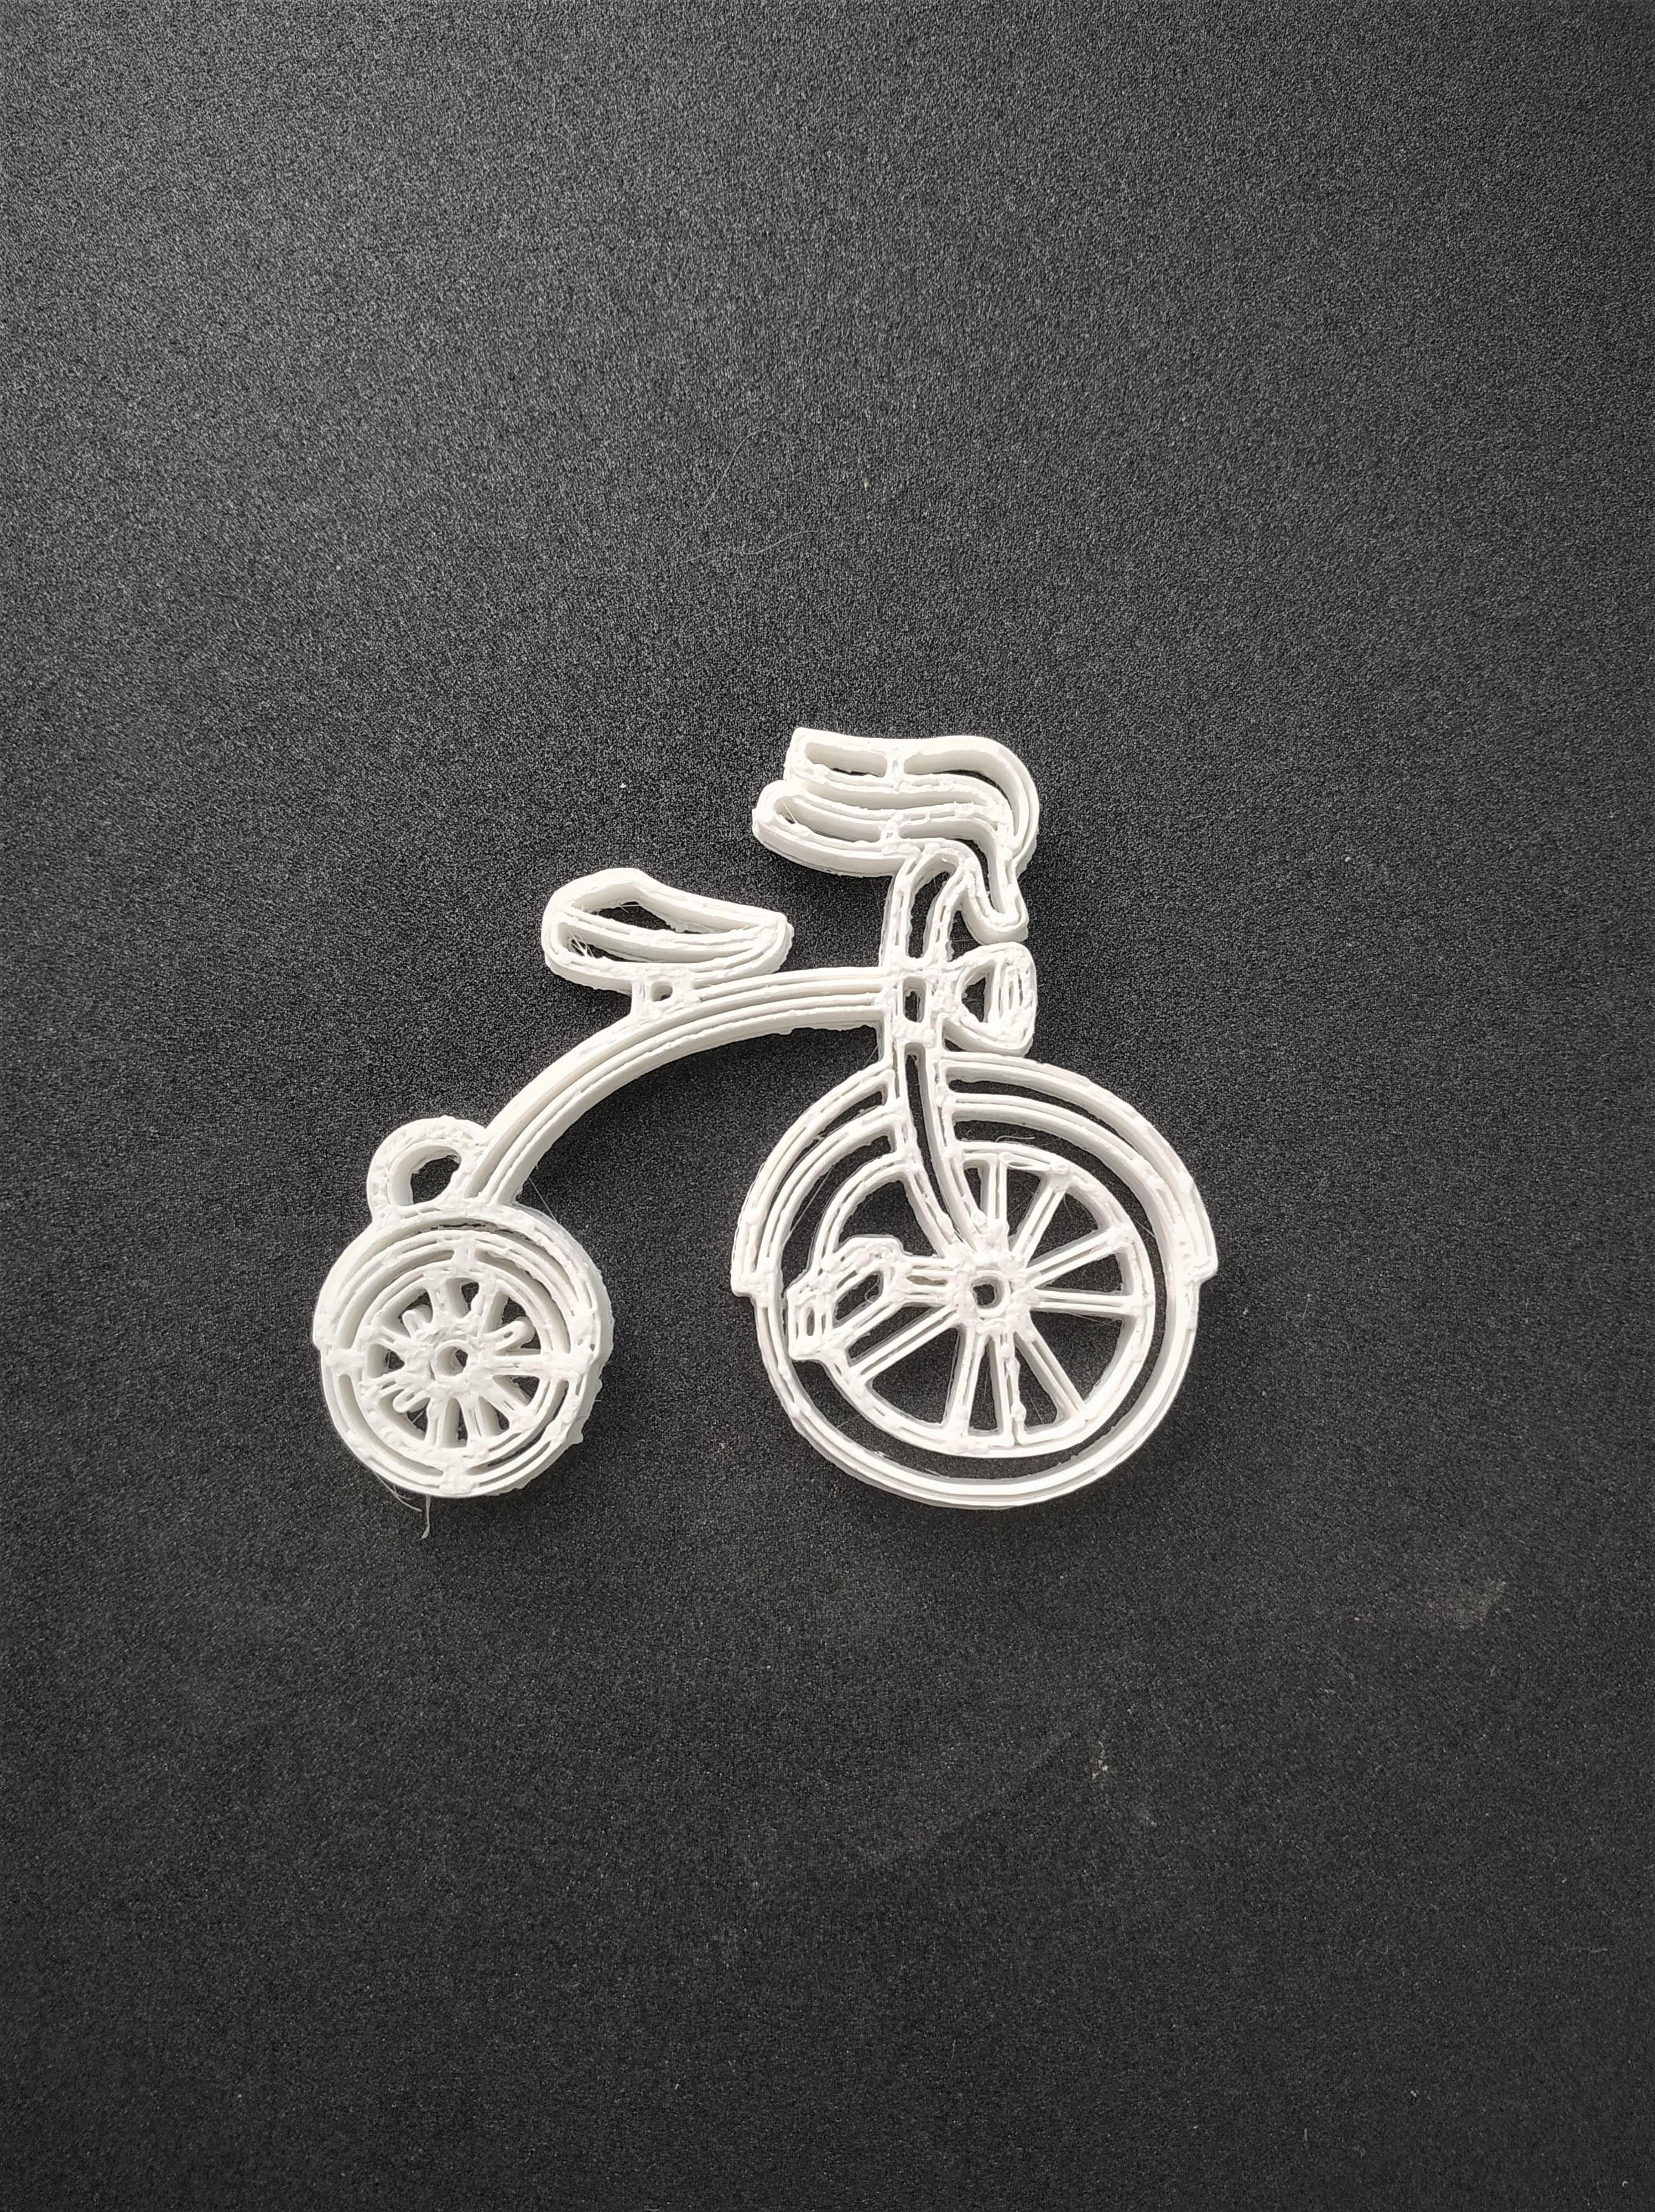 Gelber Hut Wei/ßer Stern casco XuBa bicicleta Llavero 3D para coche moto